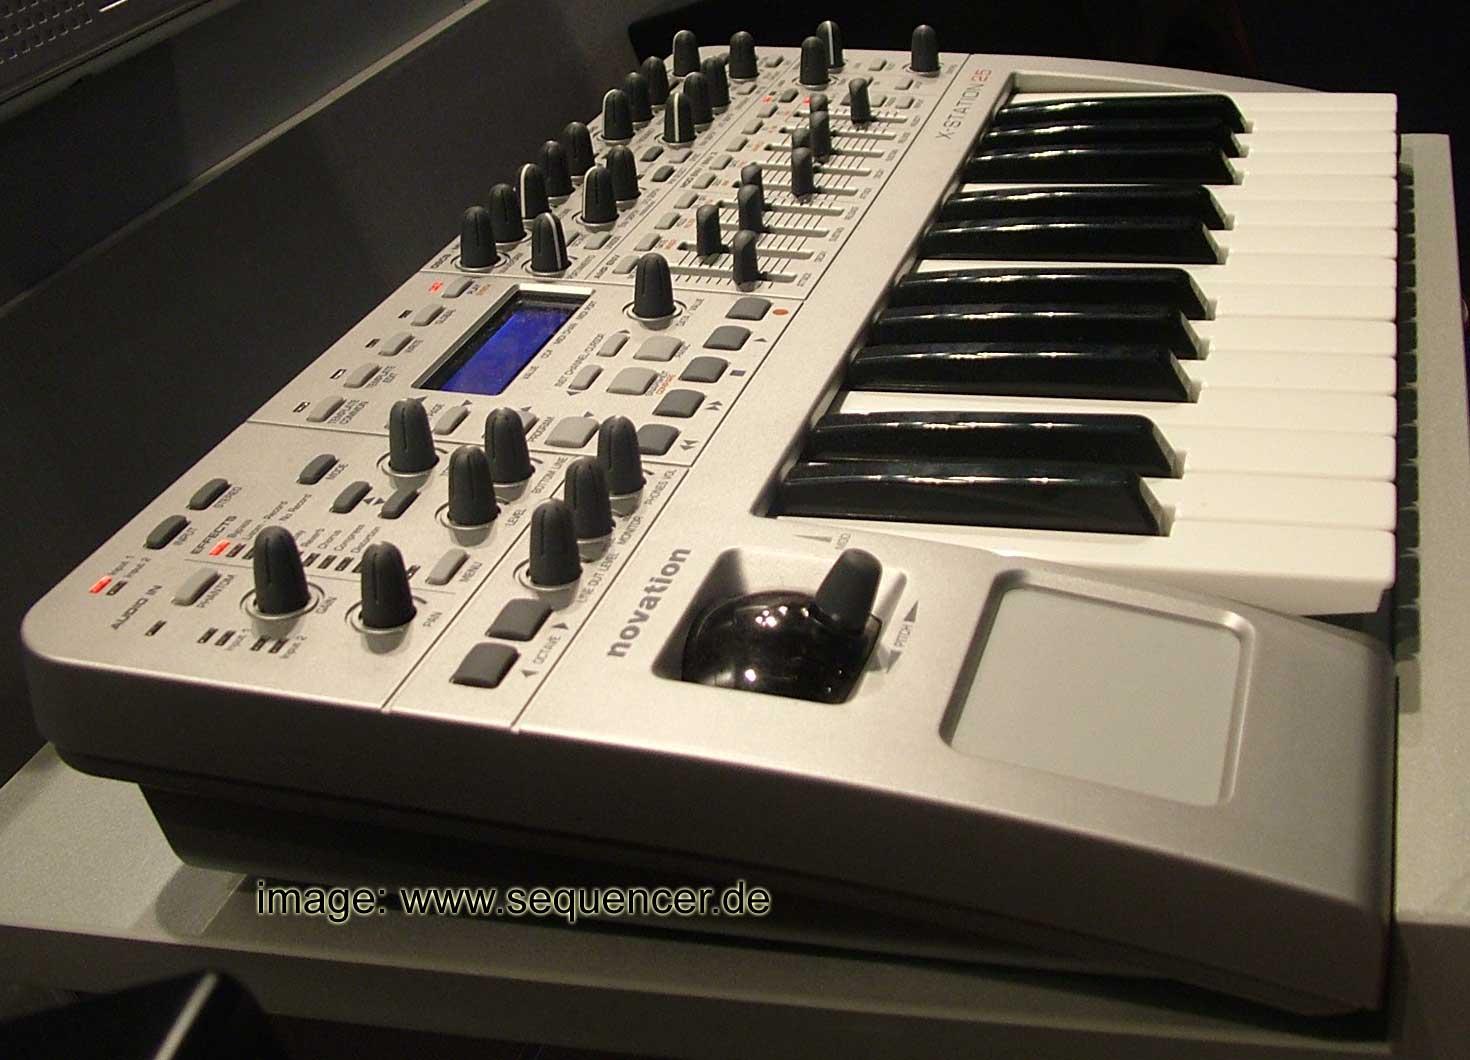 Novation x Station synthesizer